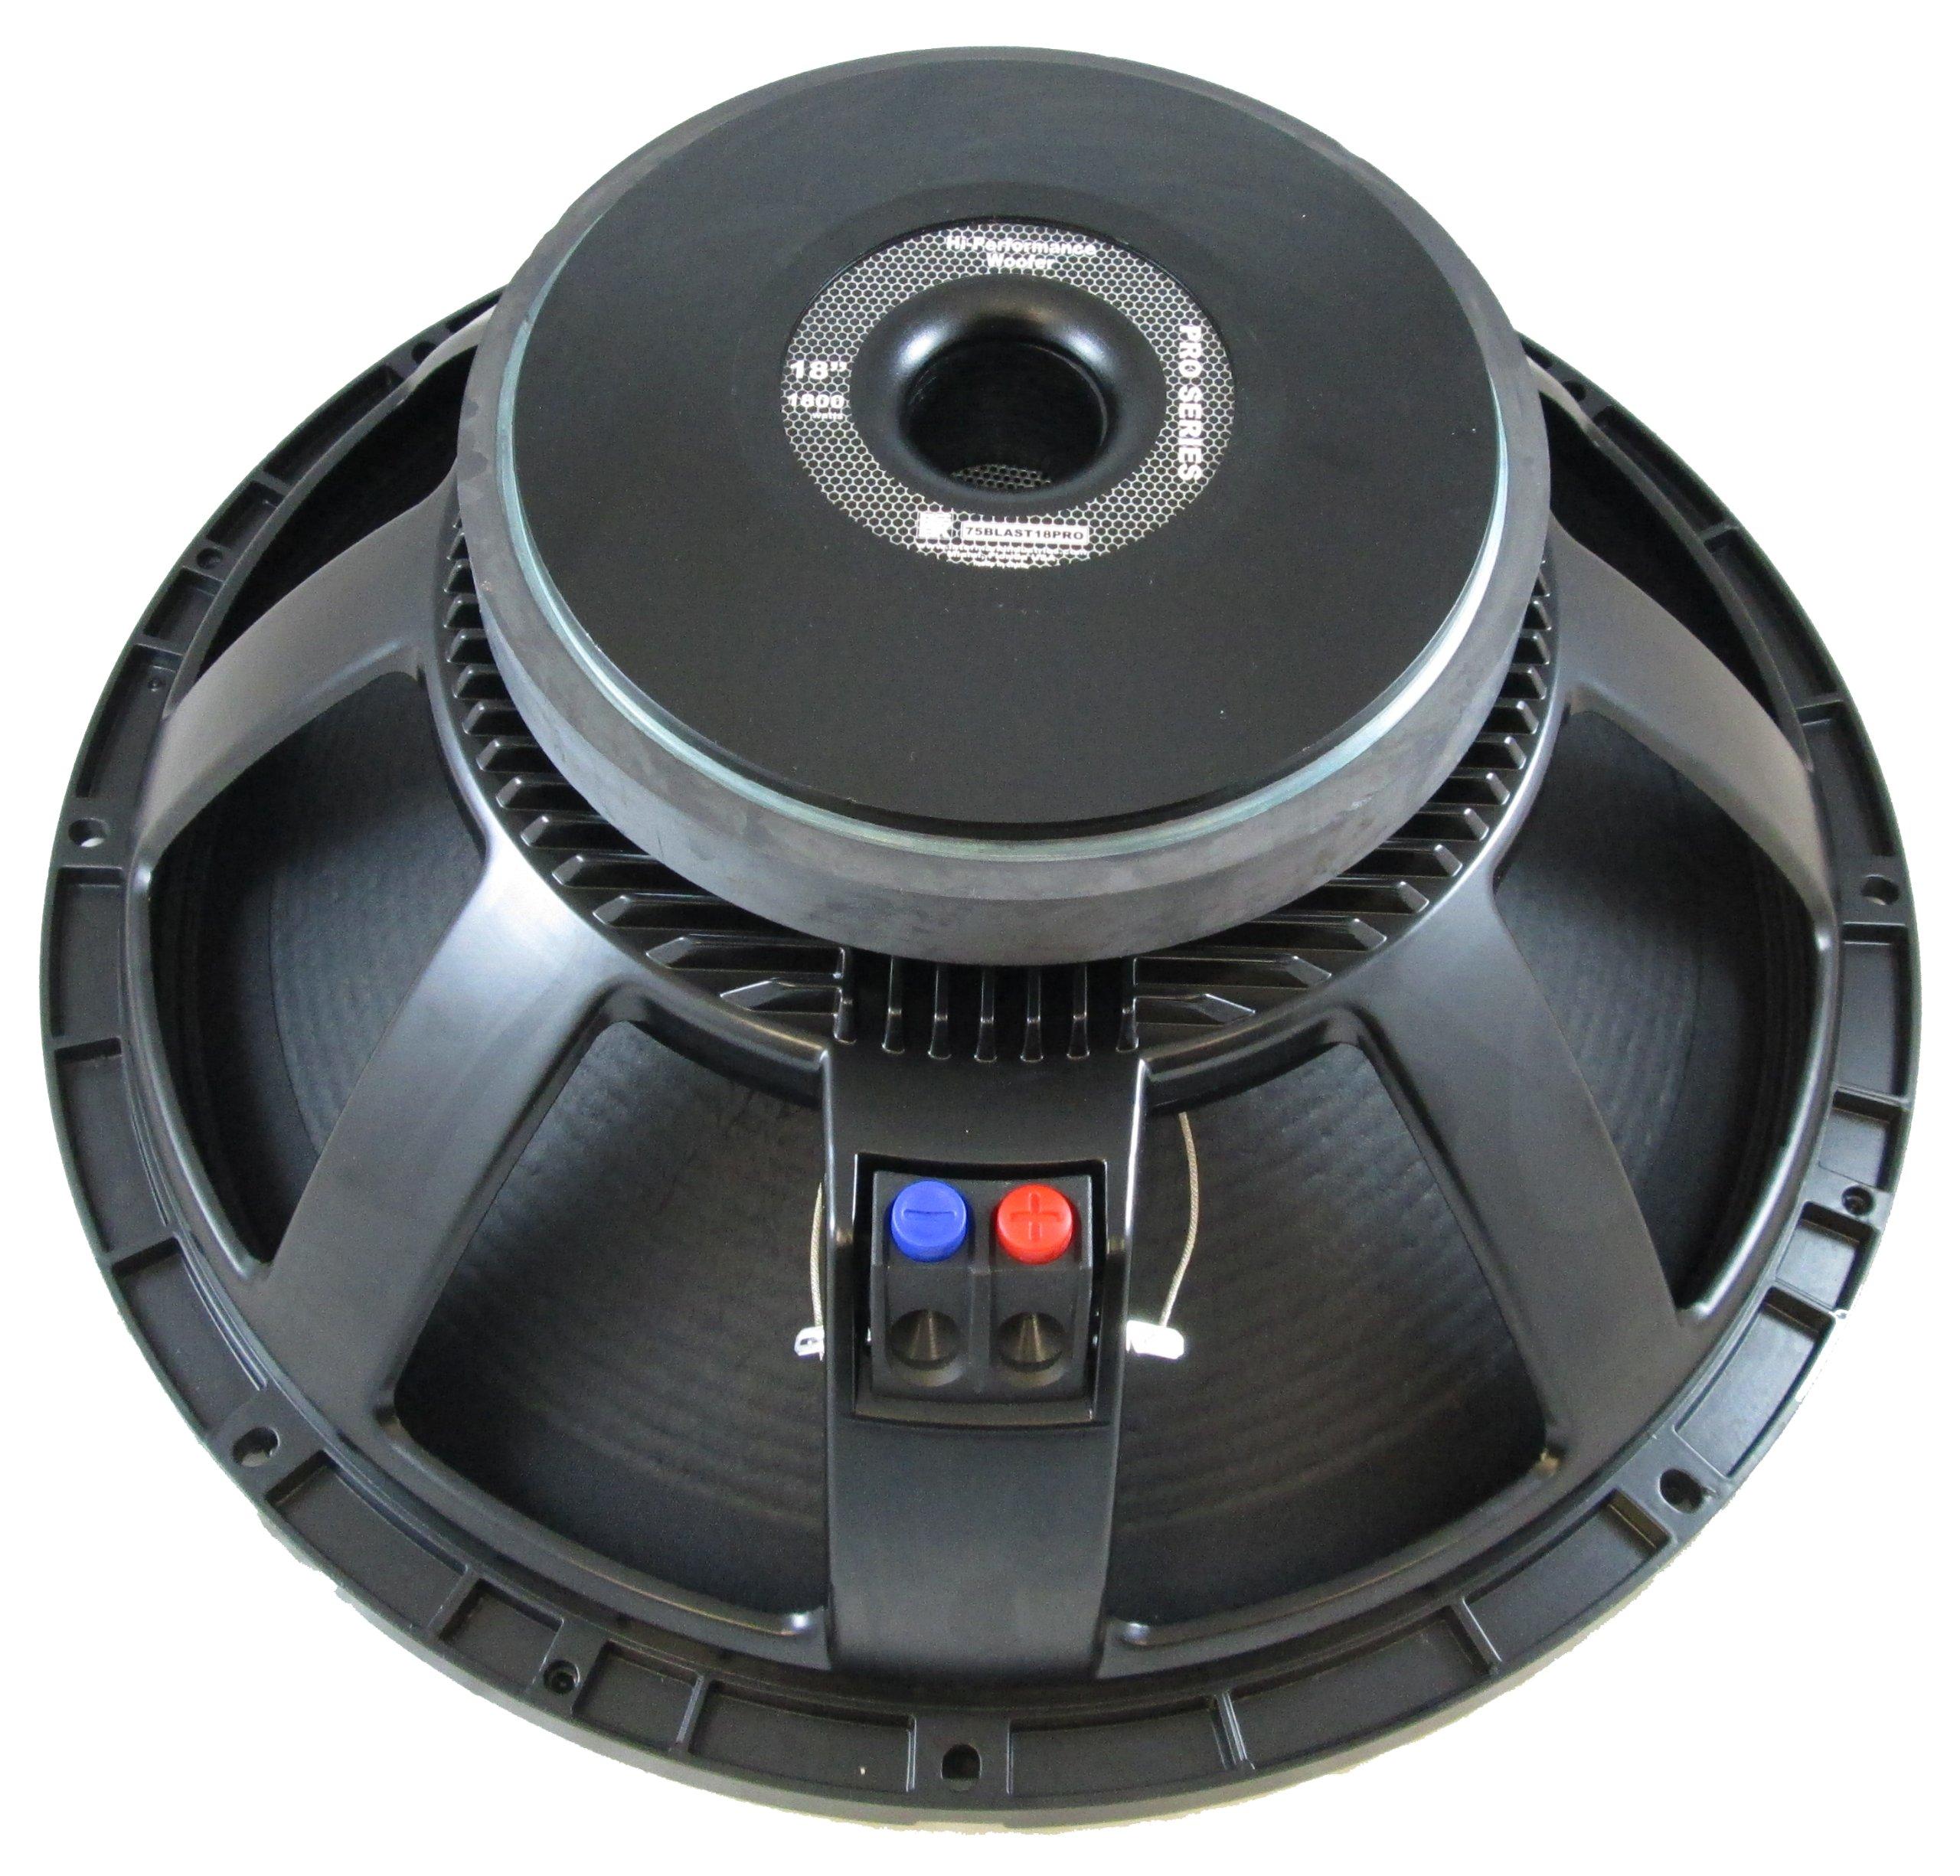 Blast King I75BLAST18PRO 18-Inch 1800 Watt High Performance Woofer